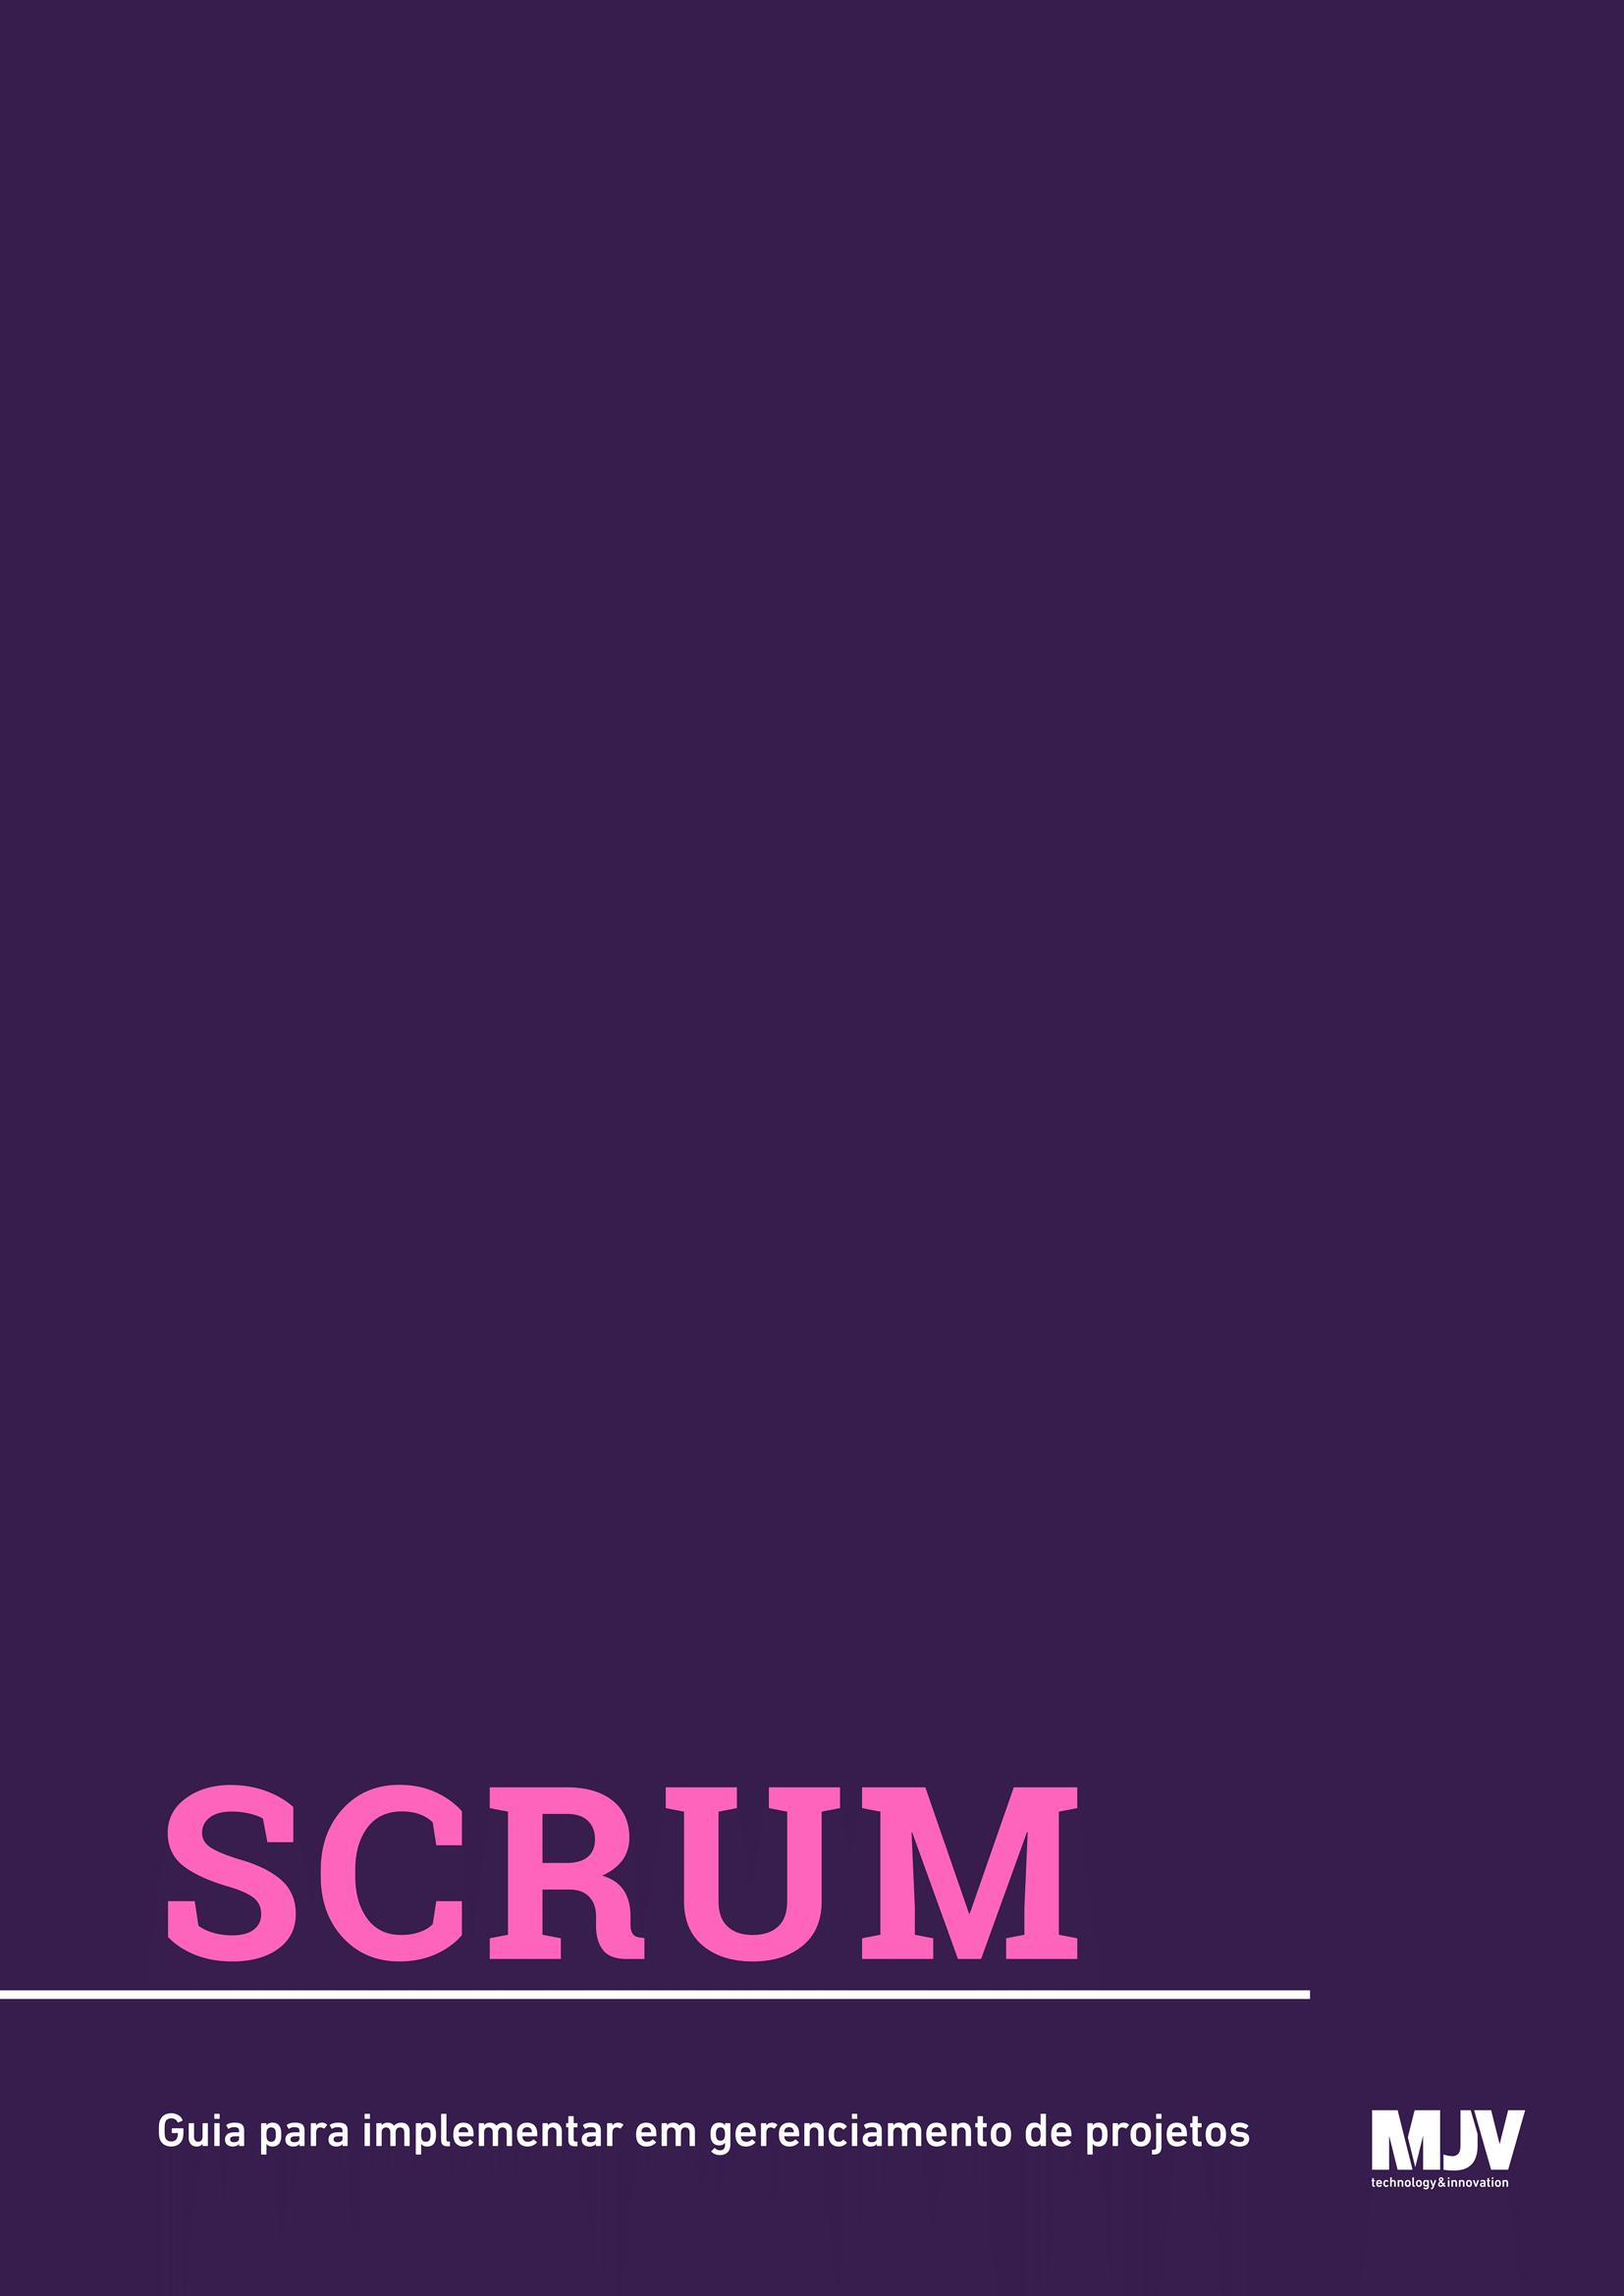 guia-scrum-guia-para-implementar-gerenciamento-de-projetos-01